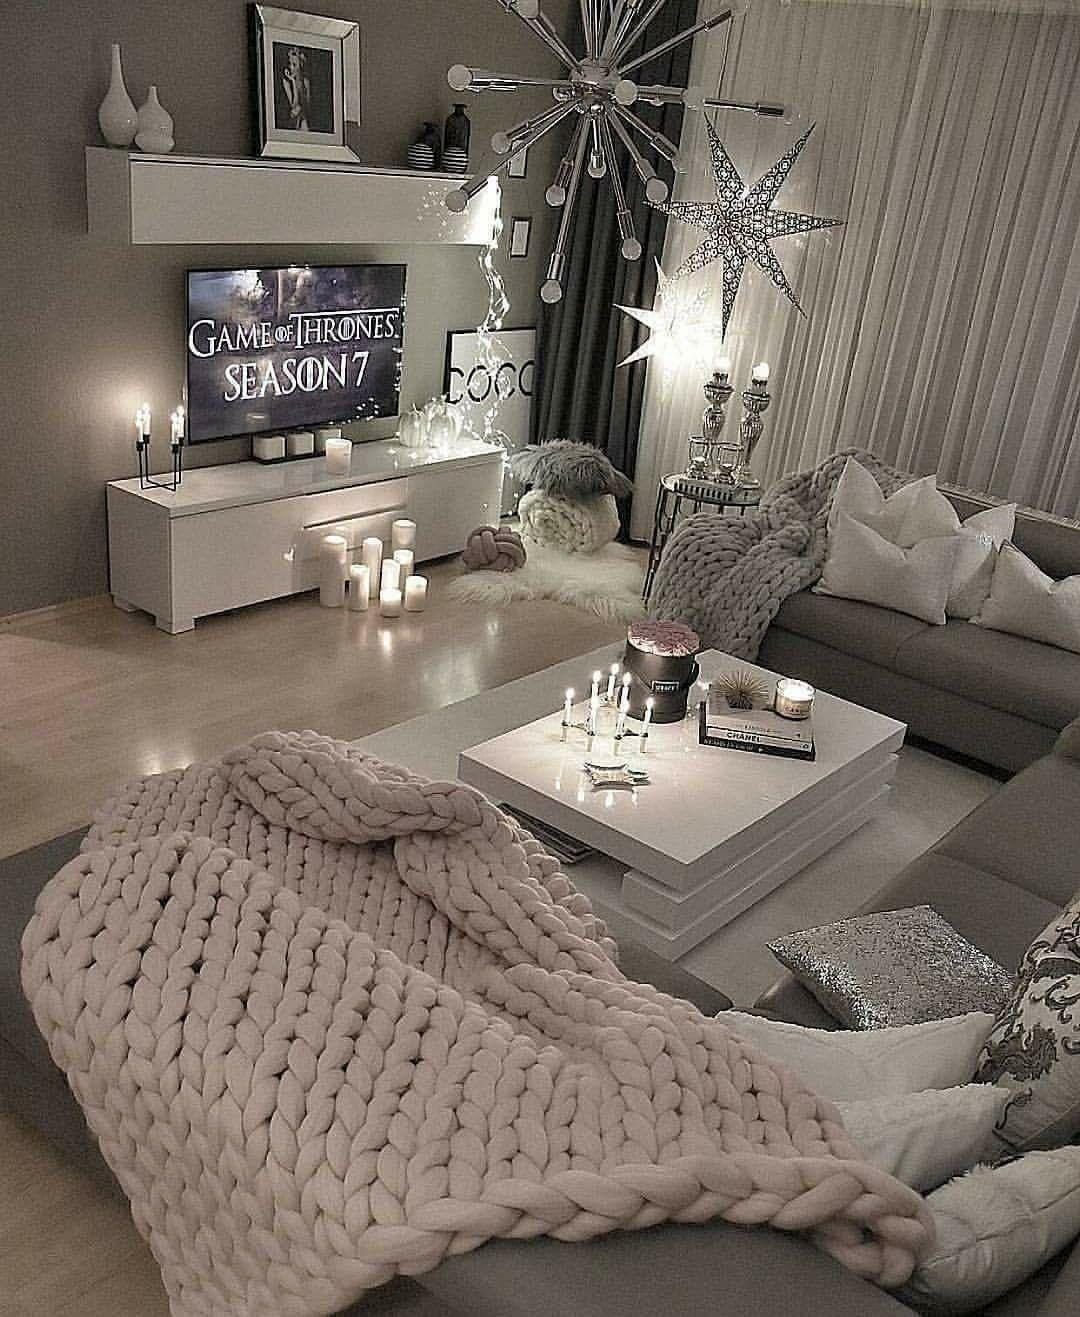 What A Fun And Cozy Living Room Livingroom Living Room Designs Apartment Decor Room Decor